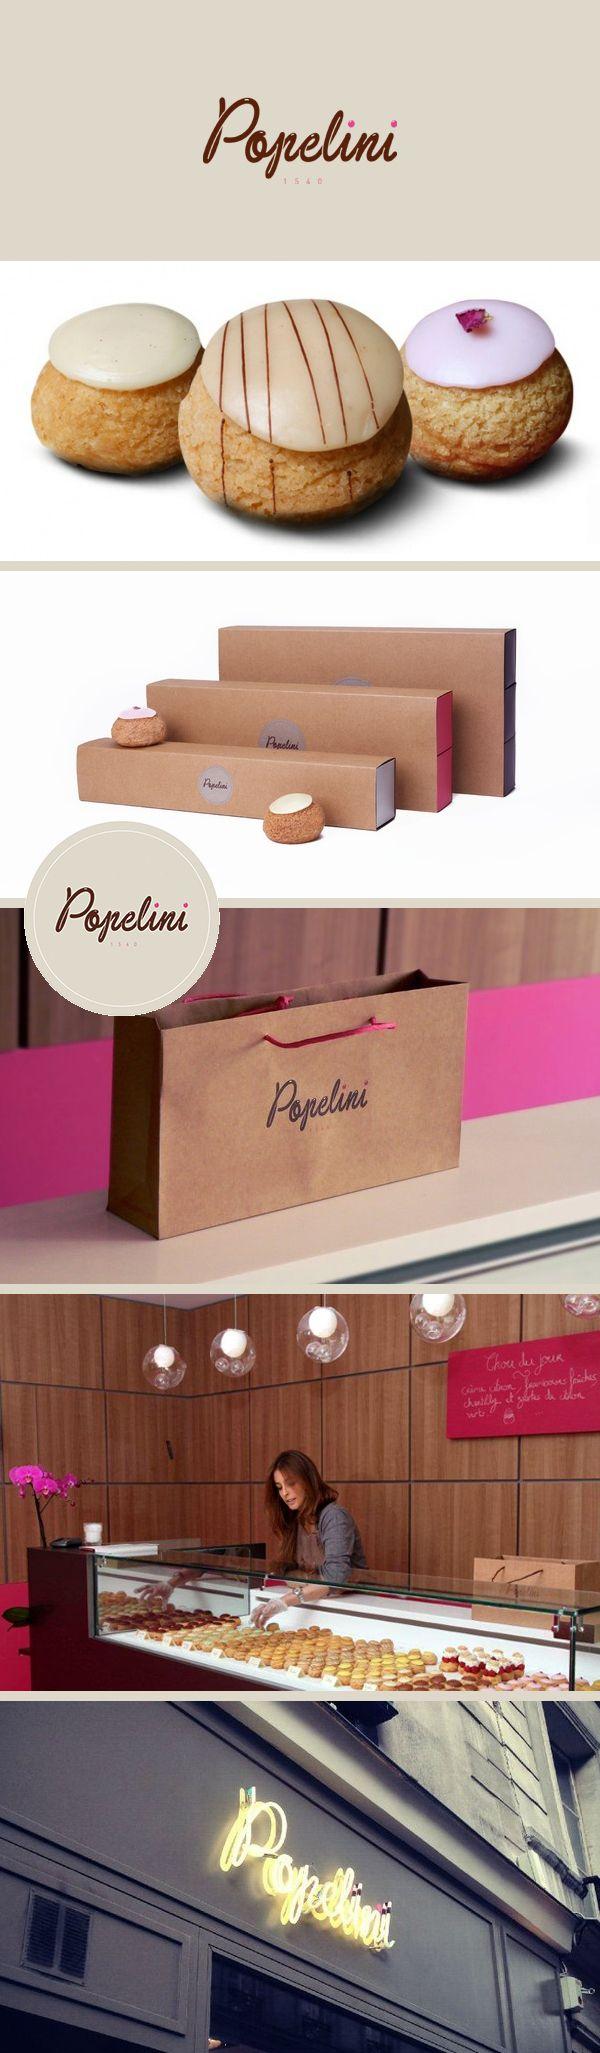 Les petits choux à la crème de Popelini /  Fondé par Lauren Koumetz & Alice Barday /29 rue Debbeleyme Paris III / du mar. au sam. de 11h à 19h30 +  dim. de 10h à 15h.